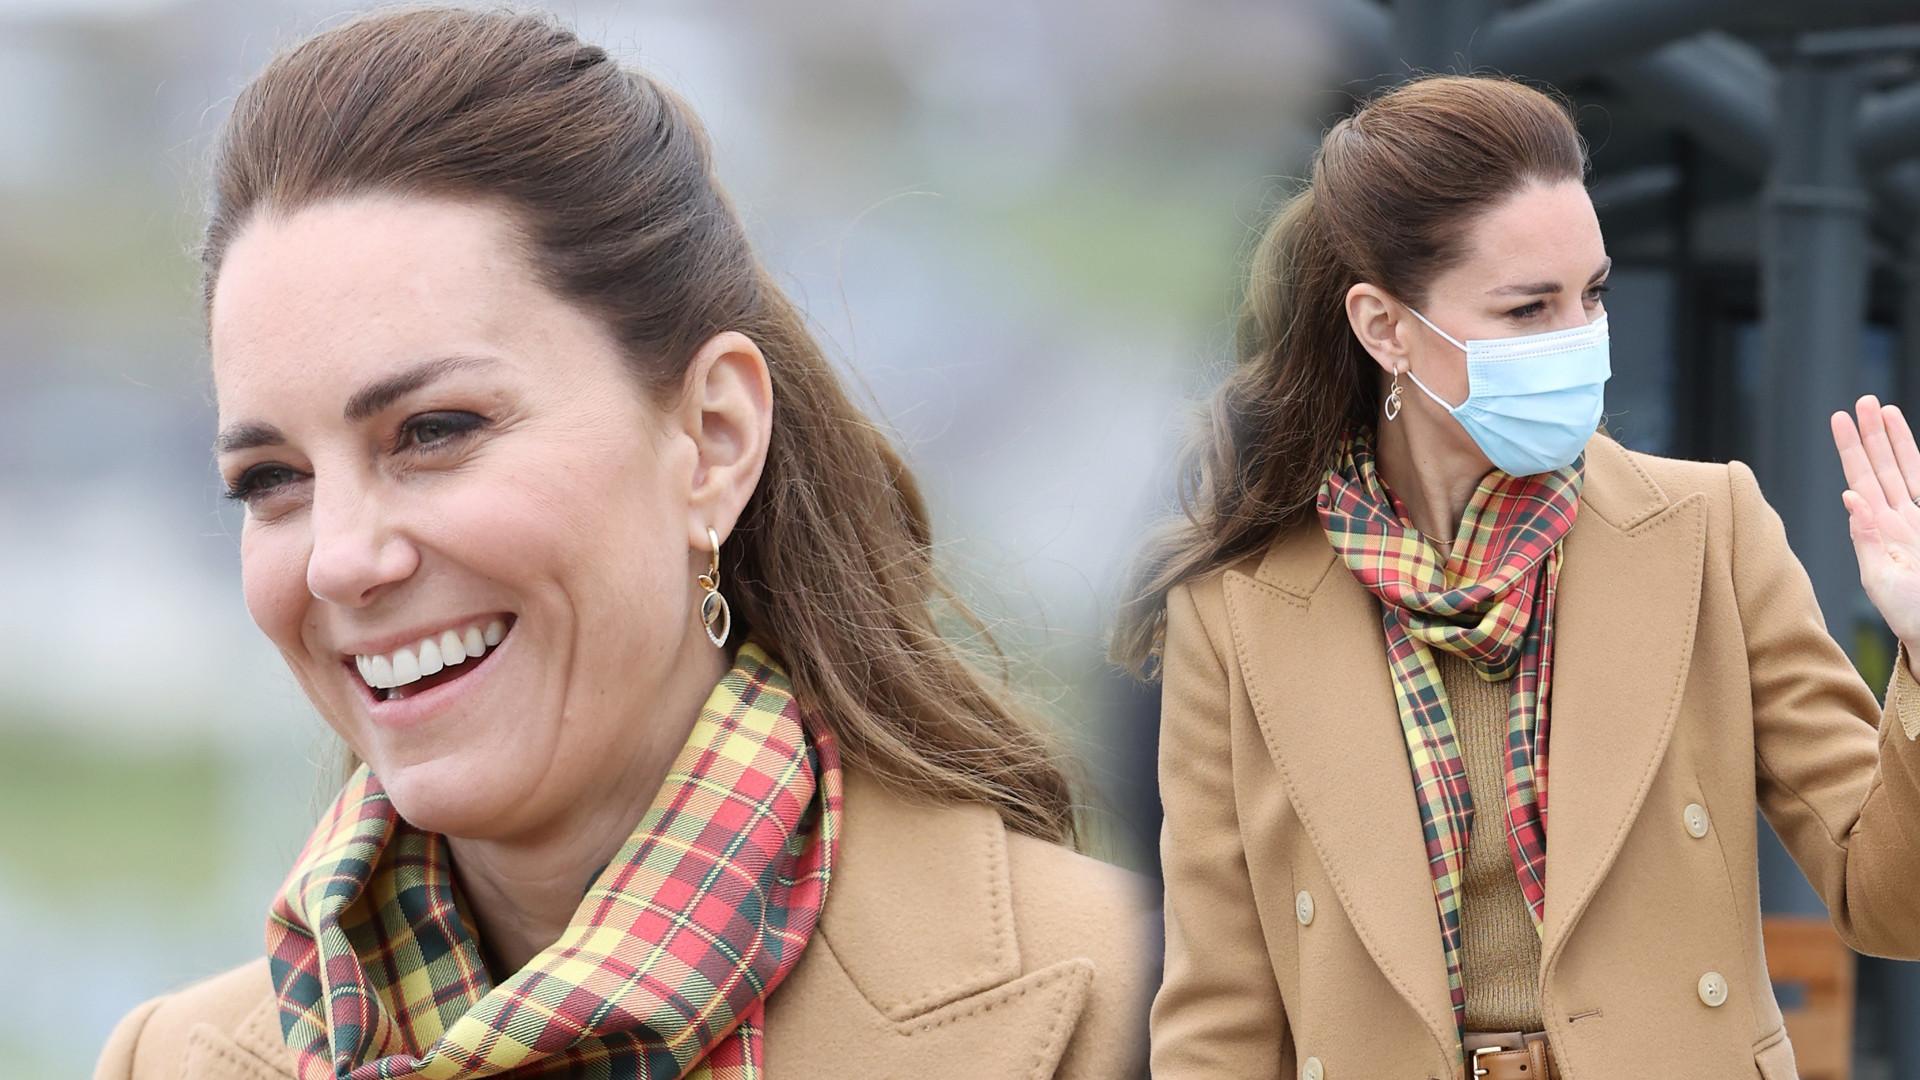 Księżna Kate w genialnym TOTAL looku. Dawno nie wyglądała tak modnie i na czasie (ZDJĘCIA)